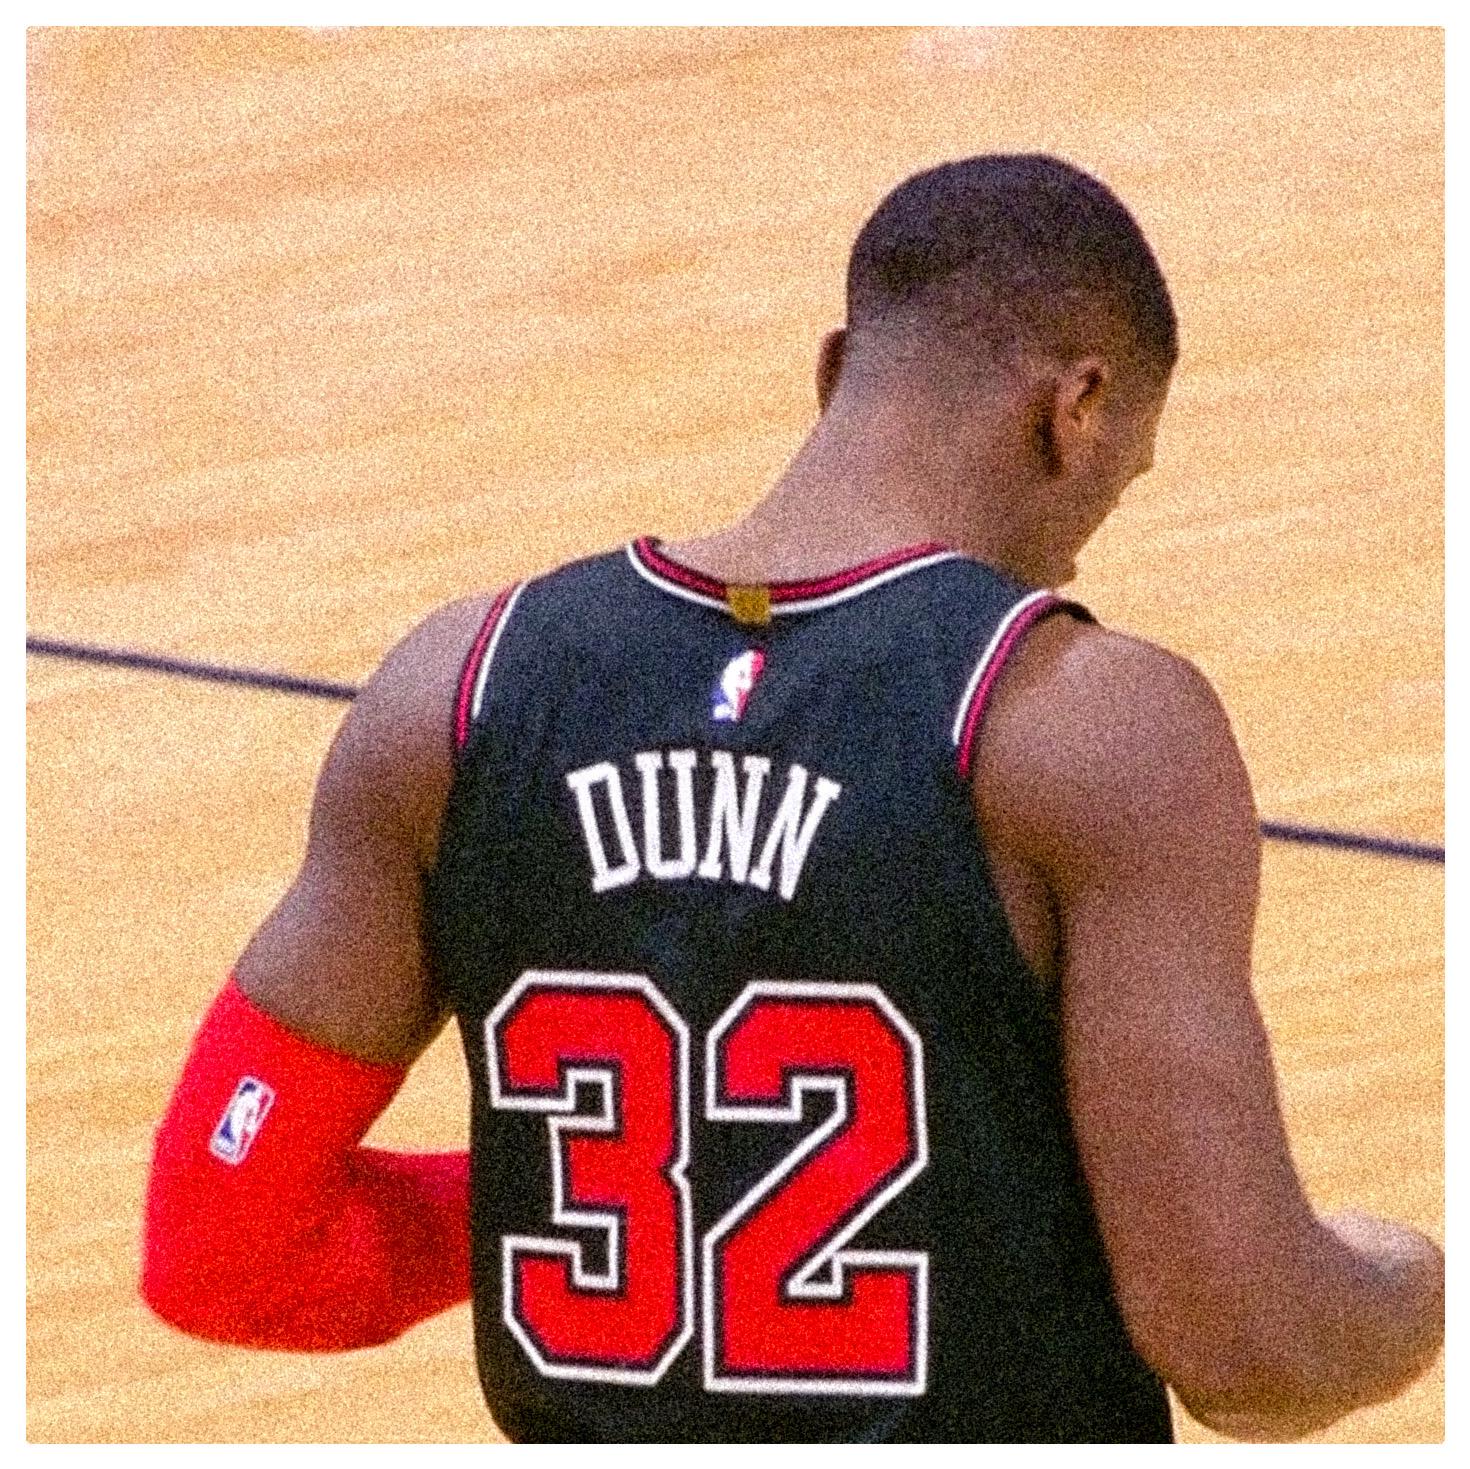 K. Dunn - End of assignment.